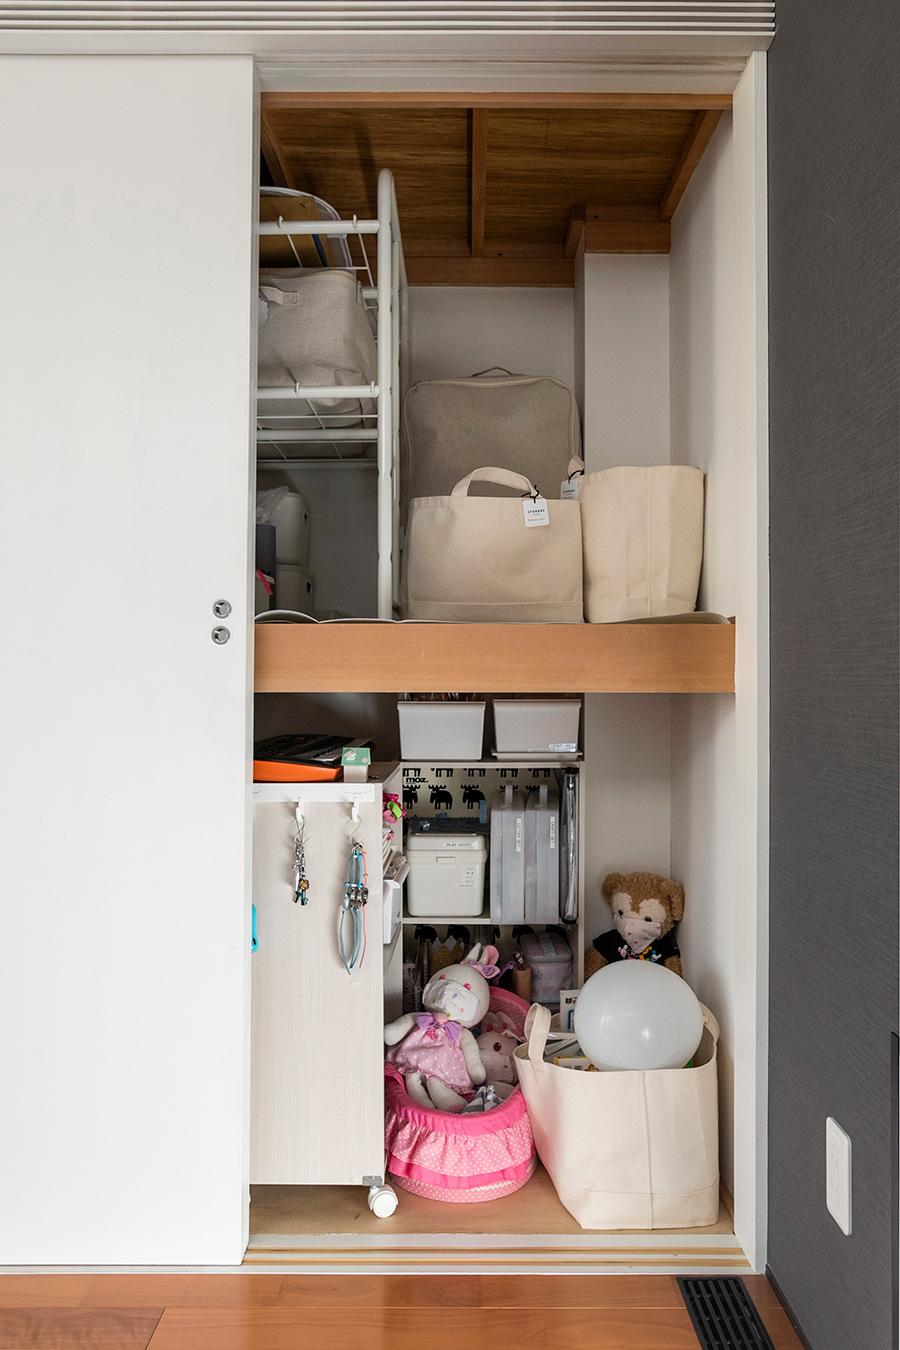 下の段の取り出しやすい位置は、お子さんのおもちゃコーナー。